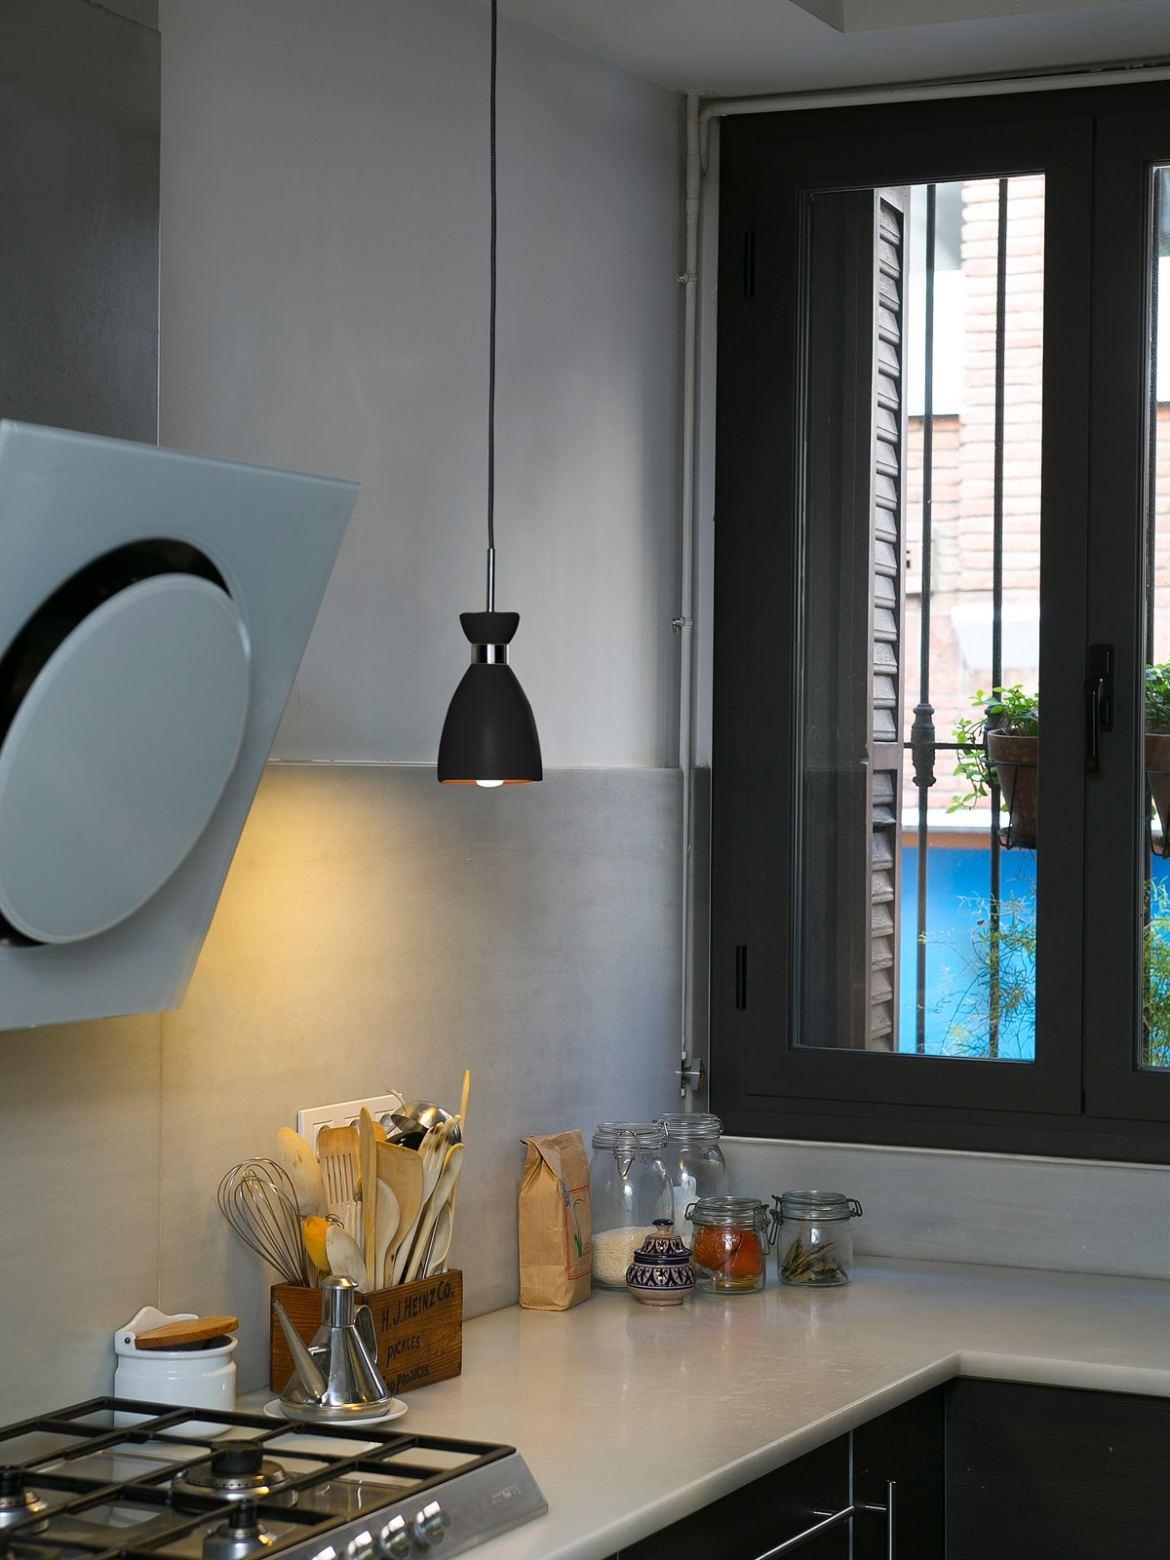 Küchenbeleuchtung mit der FARO RETRO ind schwarz